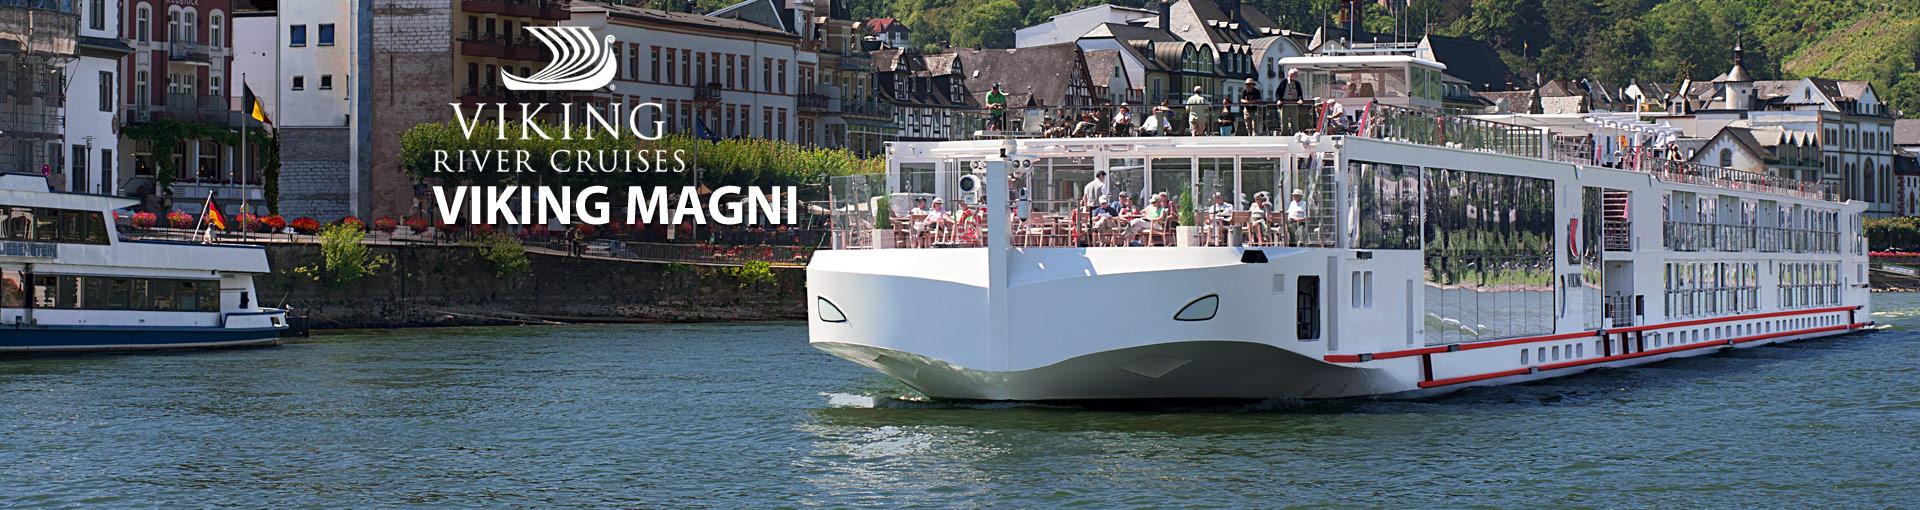 Viking Rivers Viking Magni river cruise ship